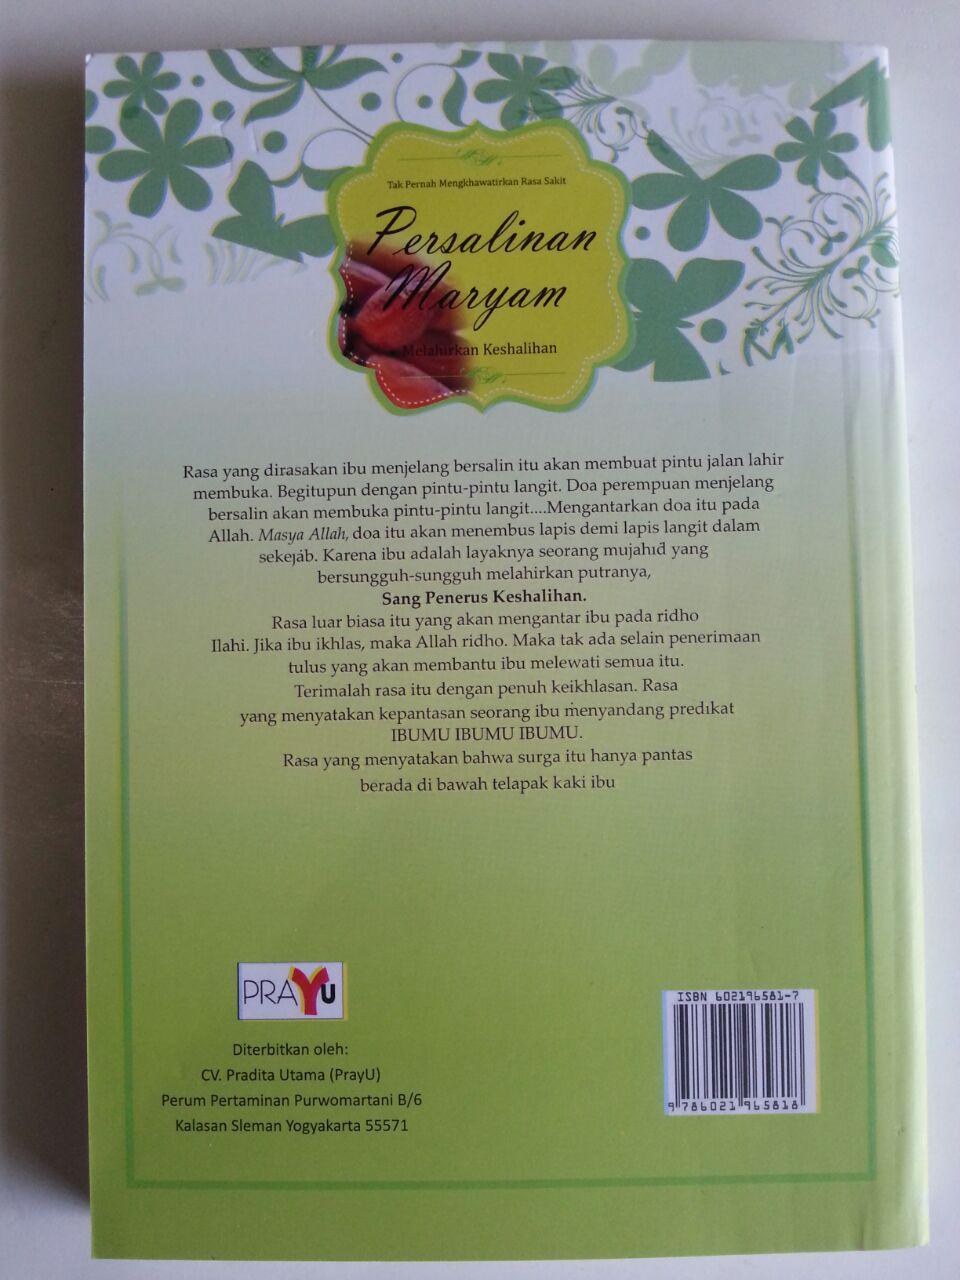 Buku Persalinan Maryam Tak Mengkhawatirkan Sakit Melahirkan Keshalihan cover